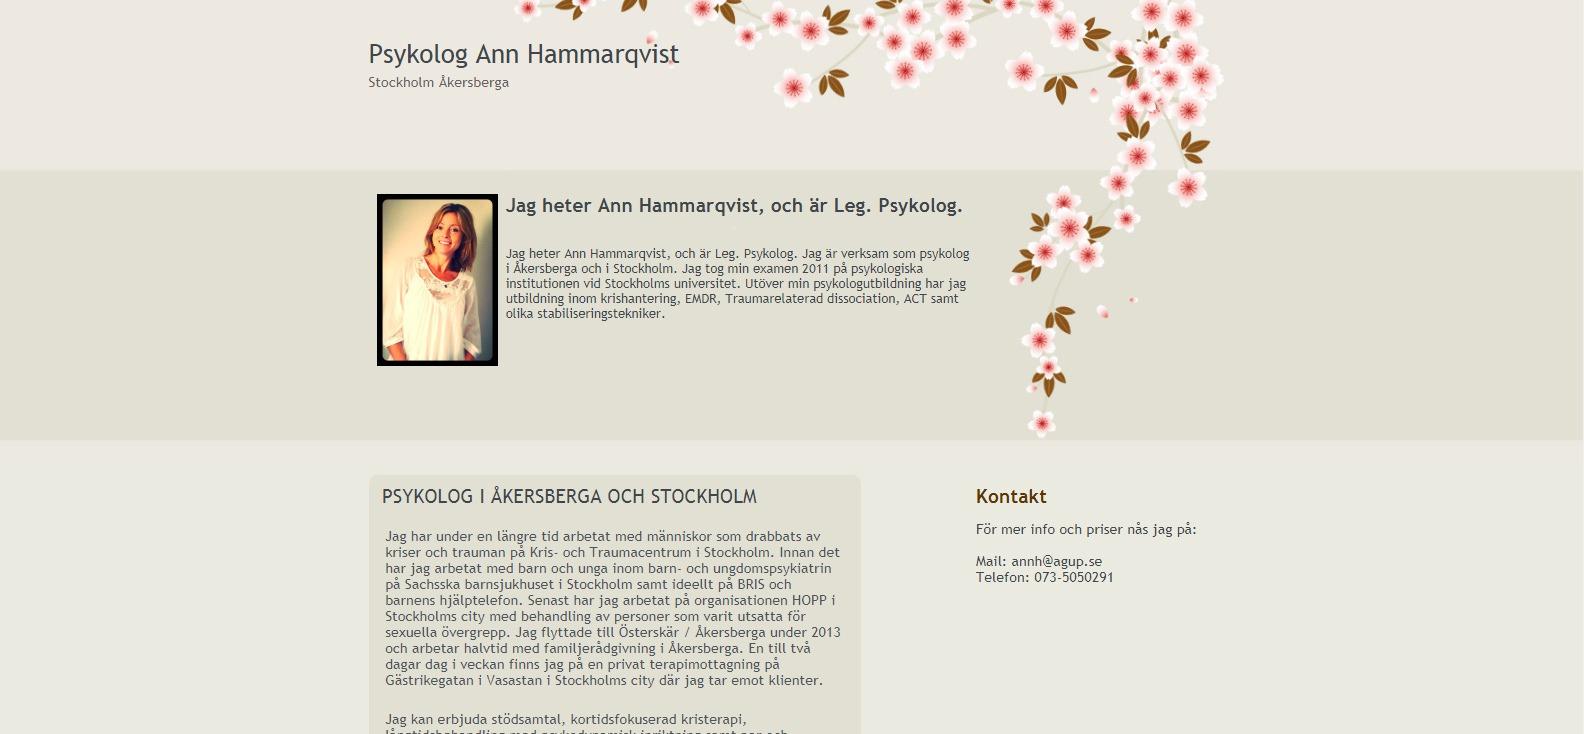 hemsida till psykolog Ann Hammarqvist Åkersberga